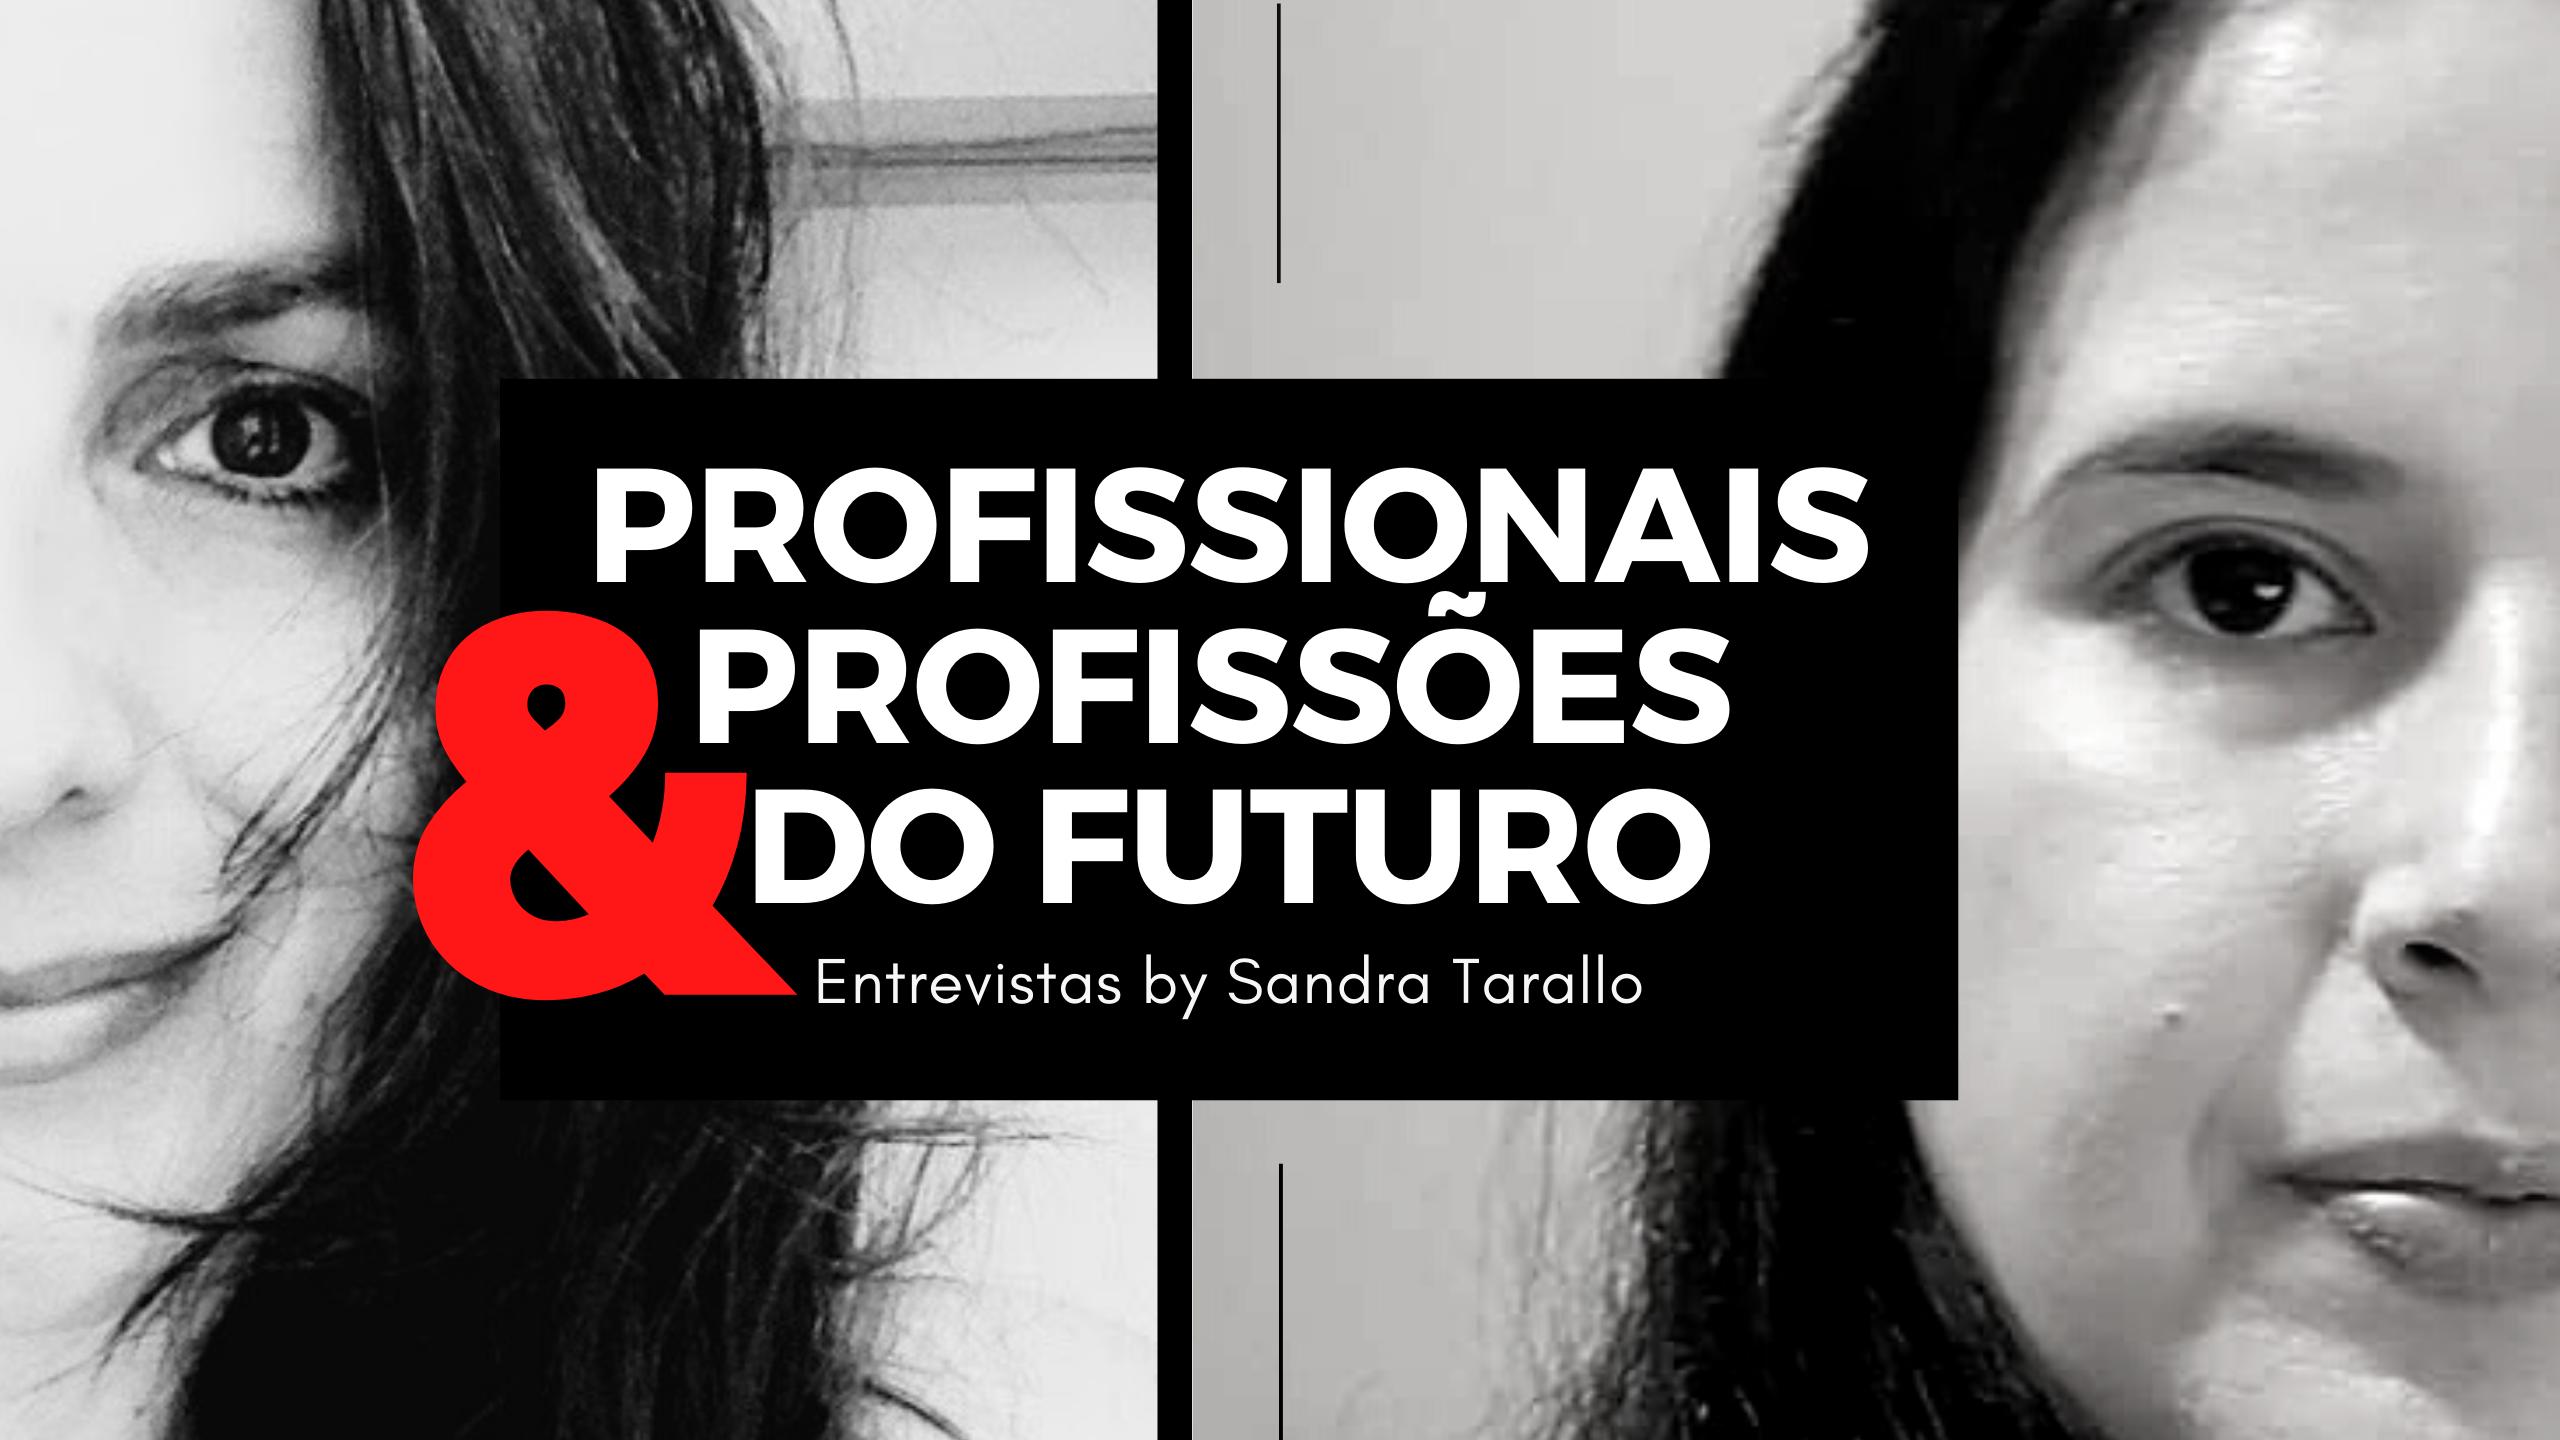 Profissionais Profissões do futuro - Profissionais e Profissões do Futuro - Joyce Mello - Secretariado Remoto.